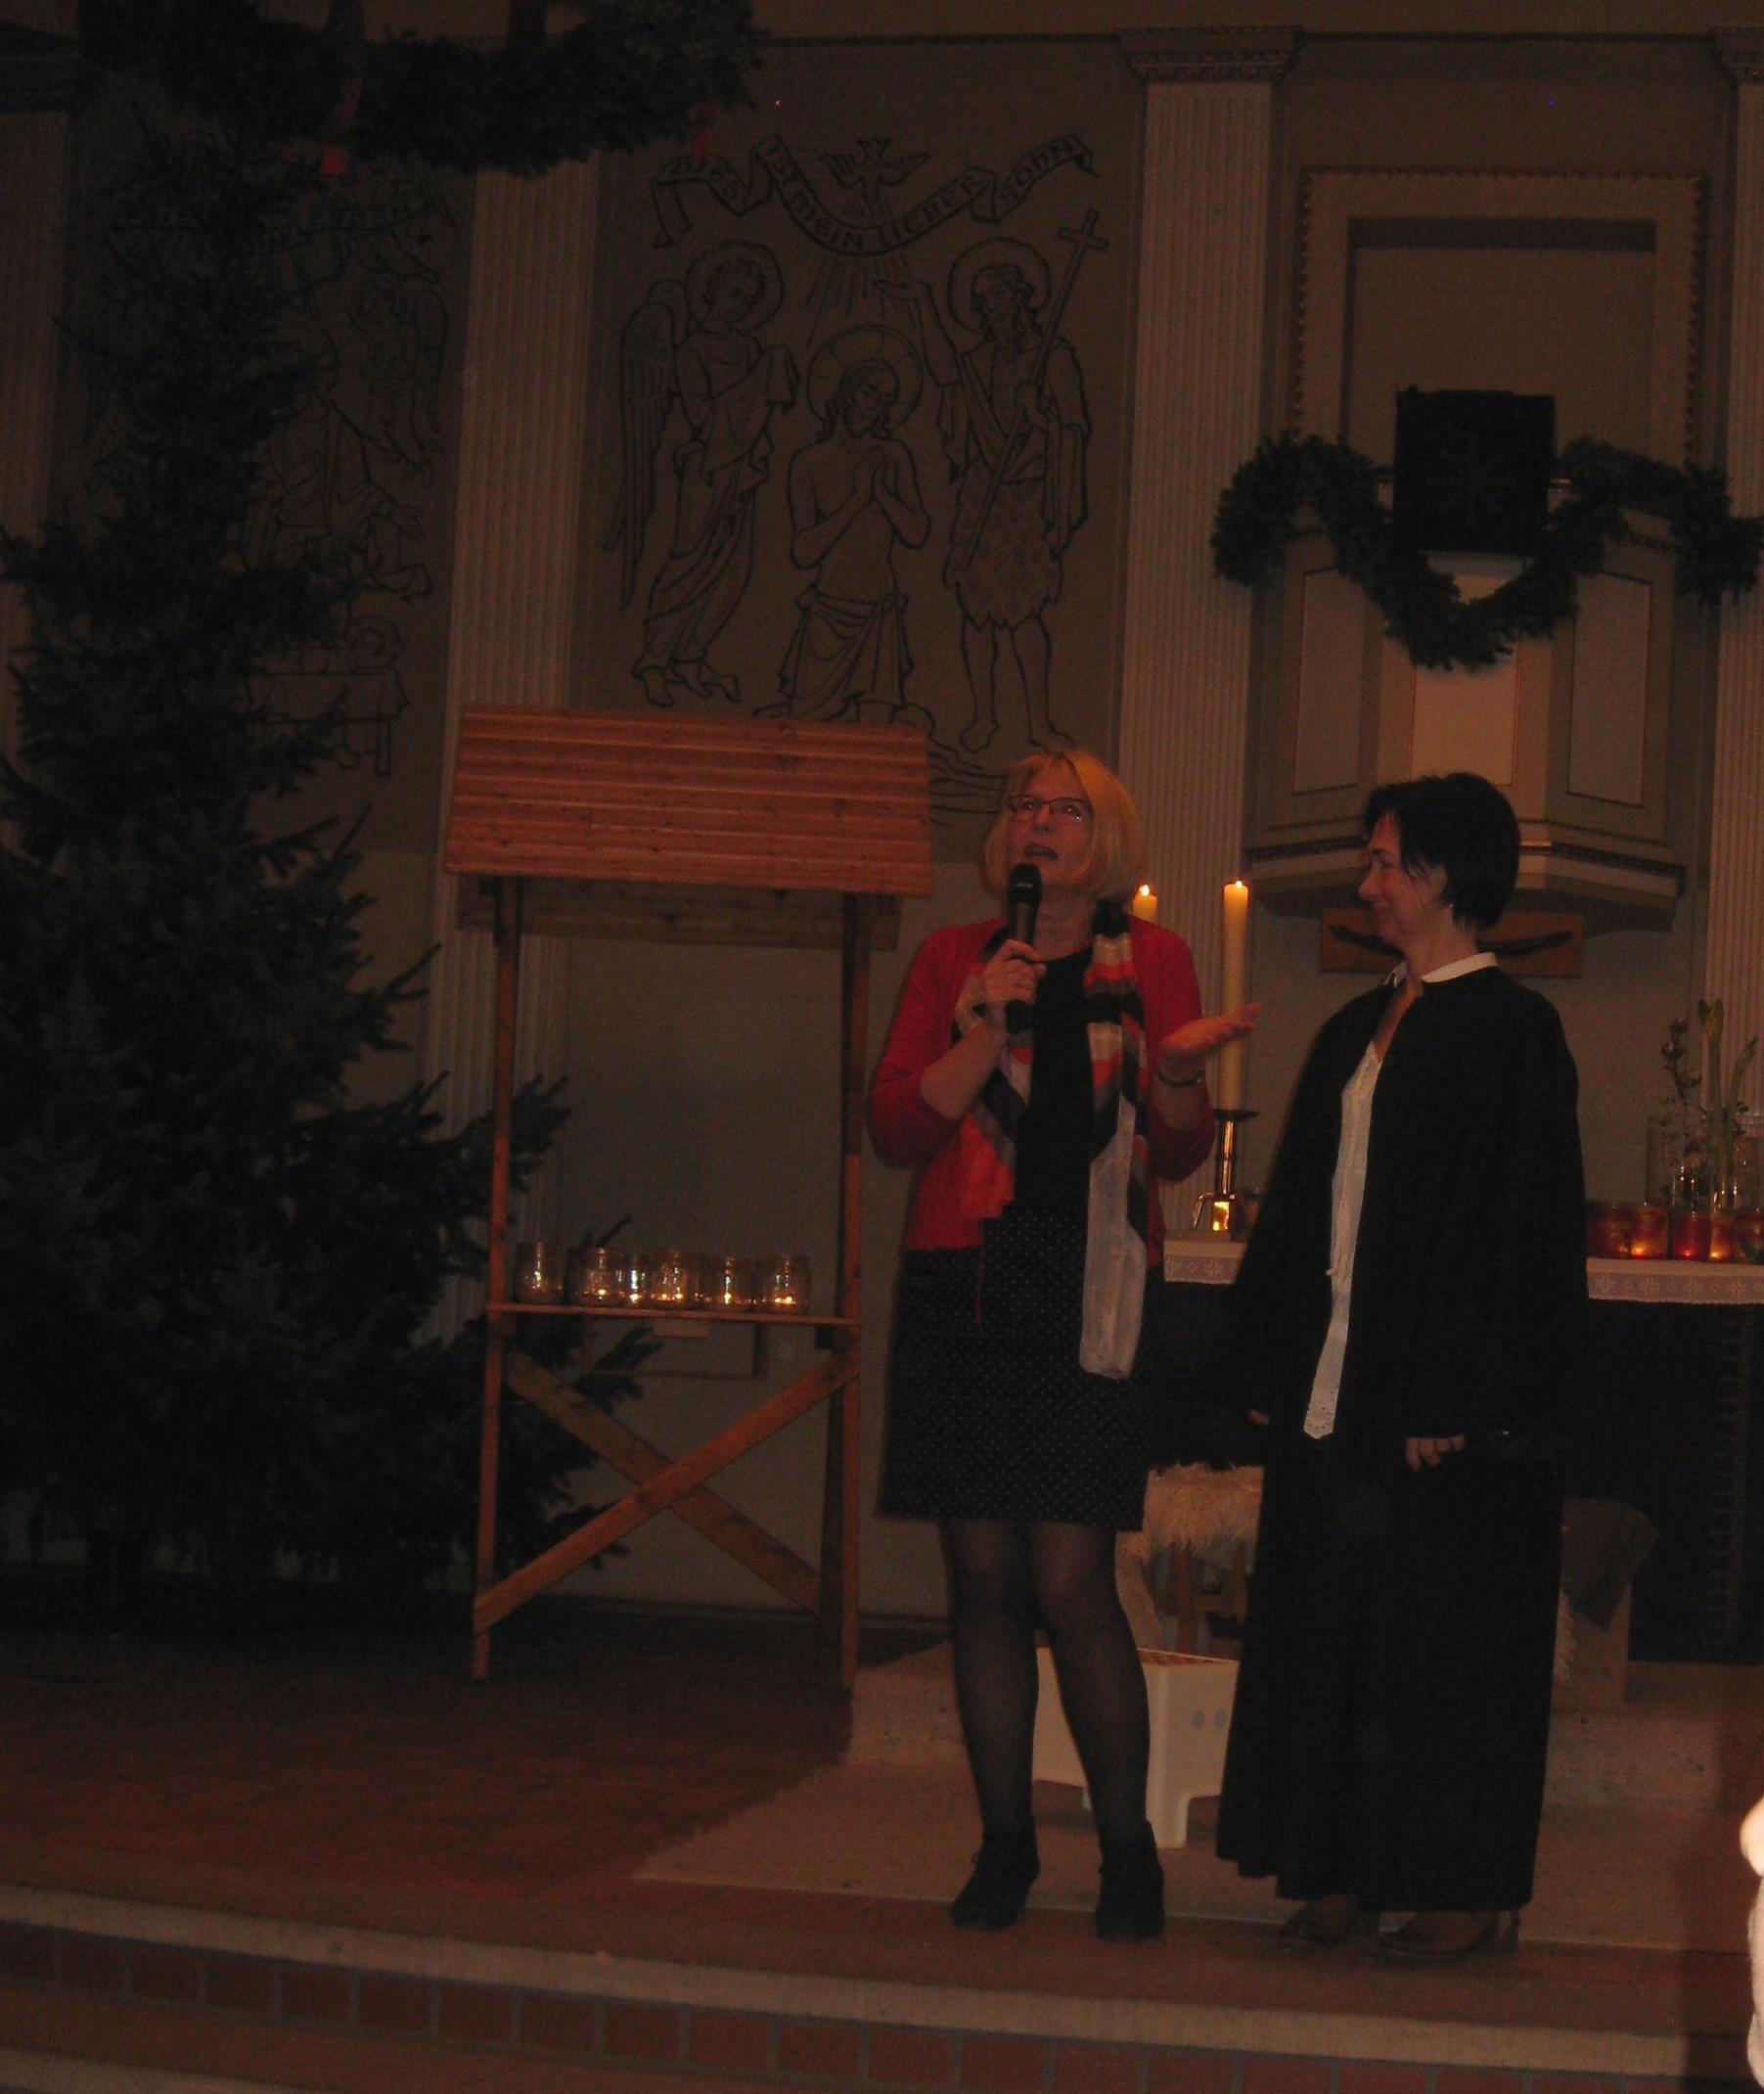 4Begrüßung Pstorin Frau om Brocke - Frau Eckermann